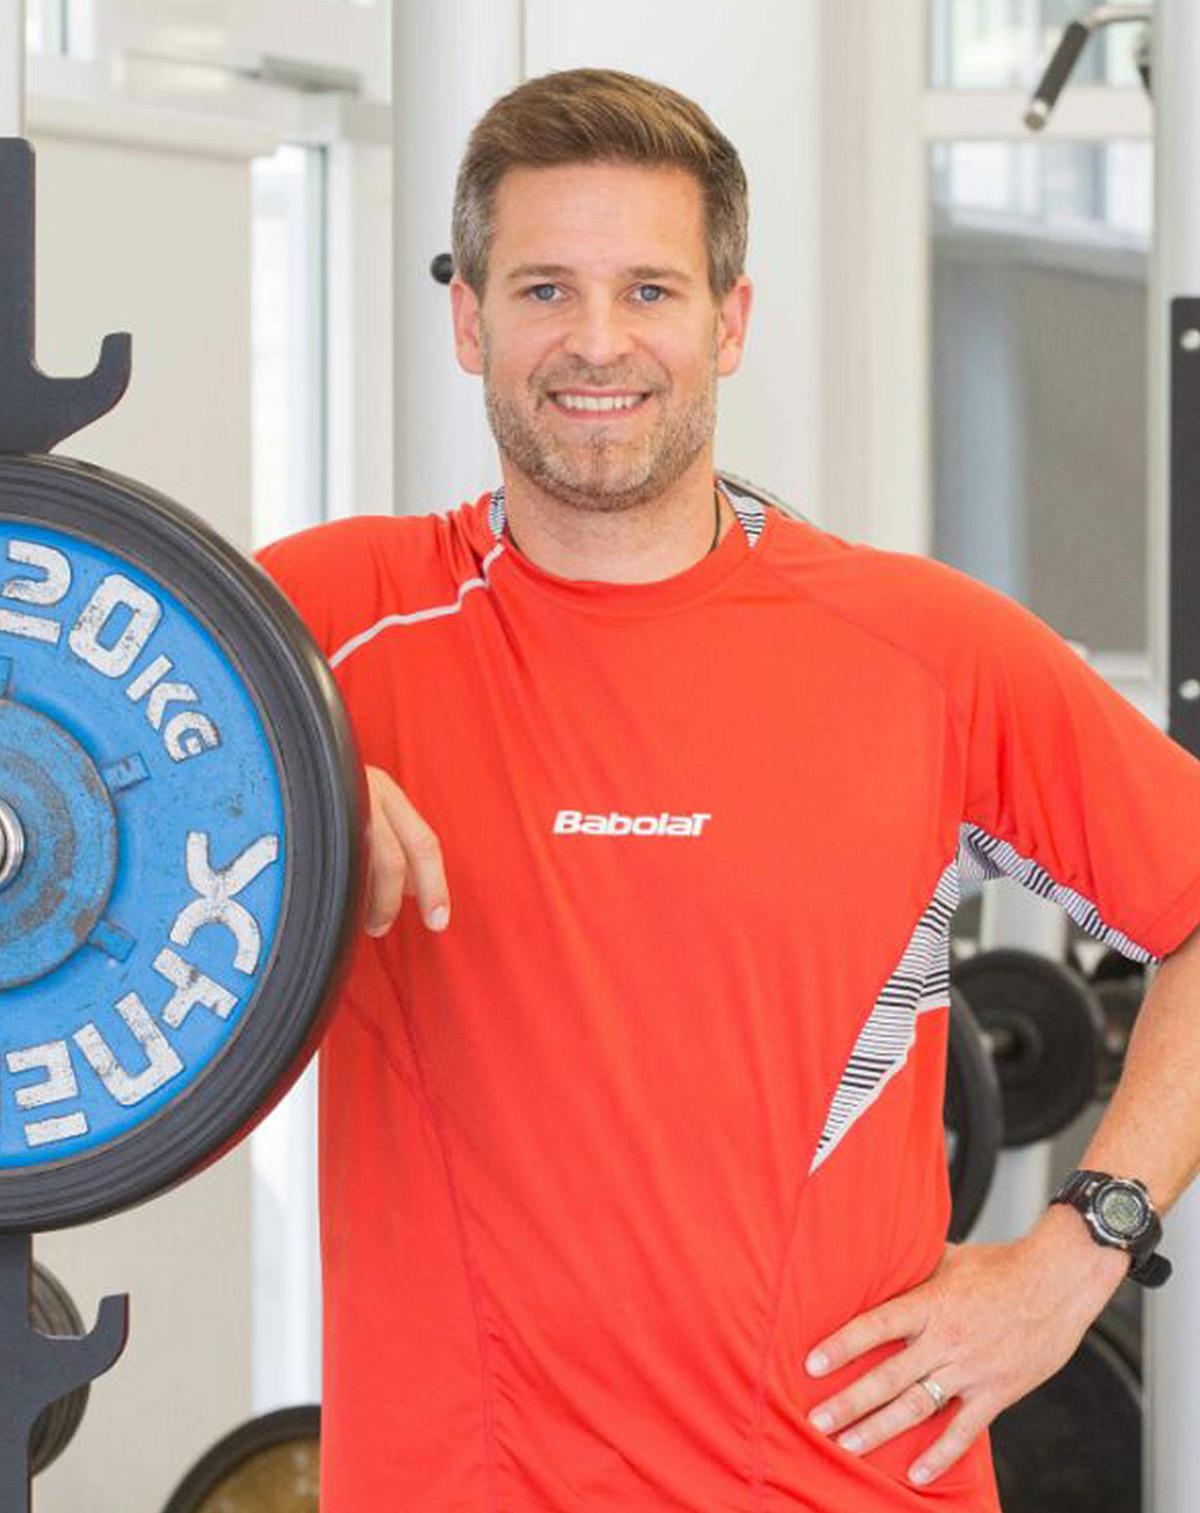 Atheltiktrainer Oliver Muelbredt